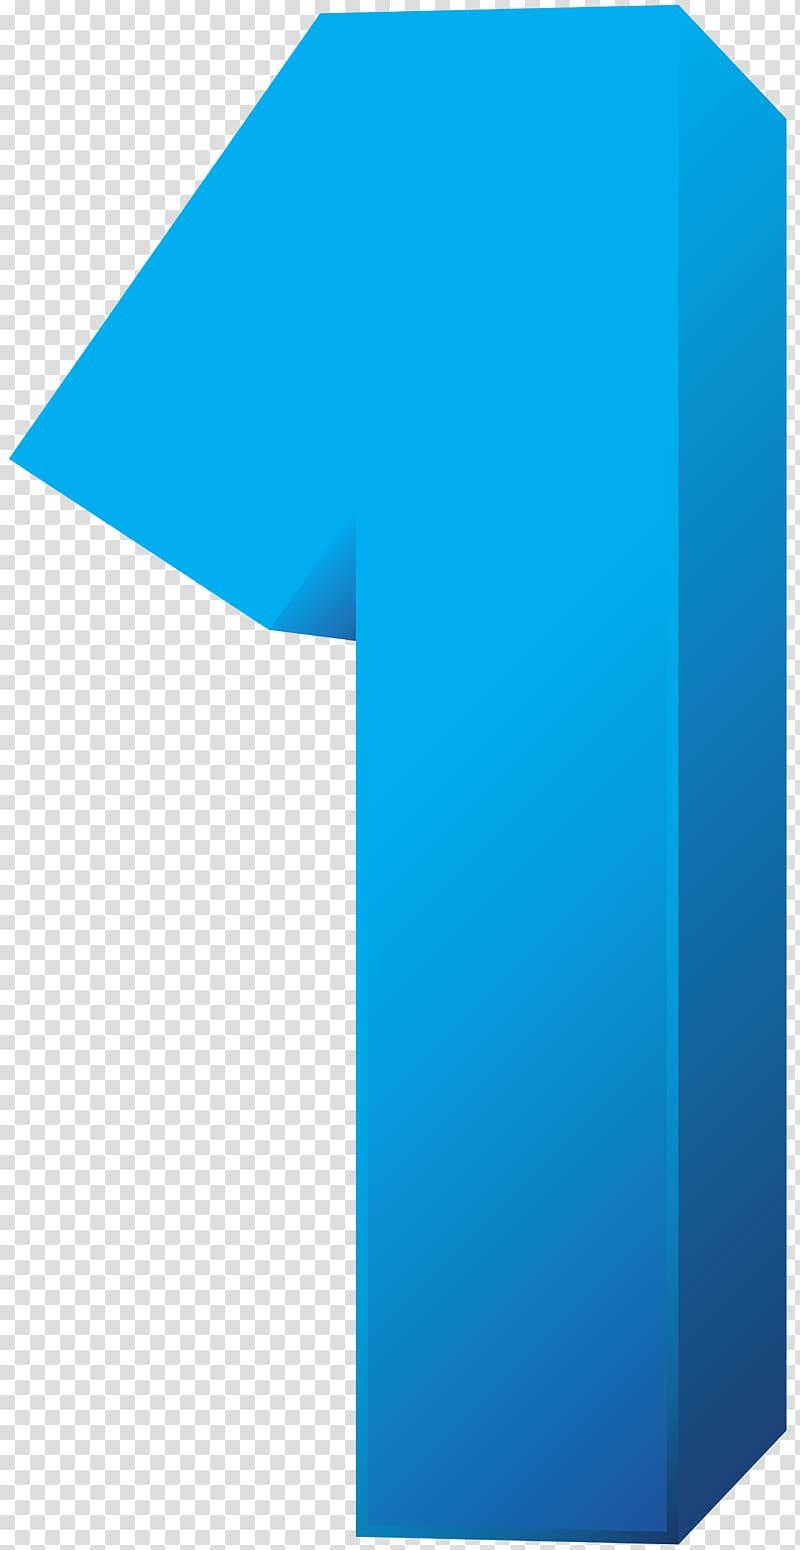 Blue number 1 illustration, Brand Blue Pattern, Blue Number.